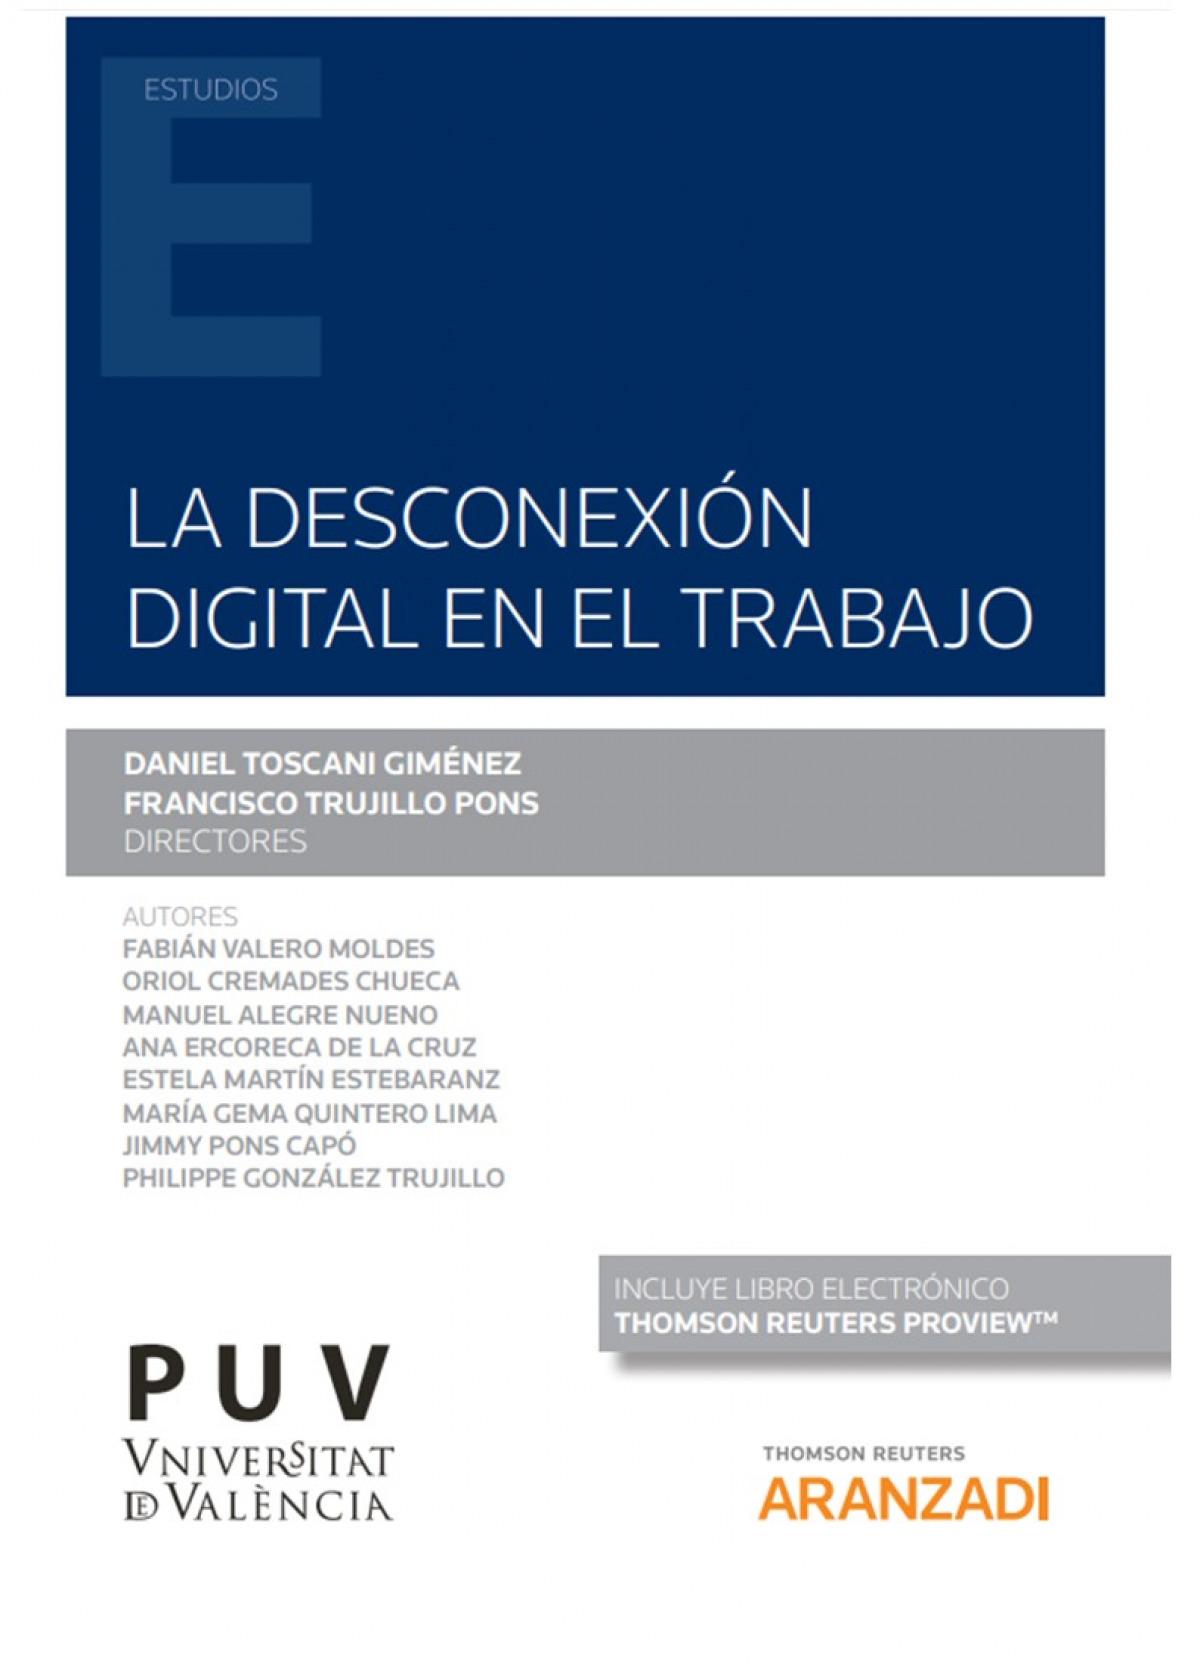 DESCONEXION DIGITAL EN EL TRABAJO,LA 9788413459677